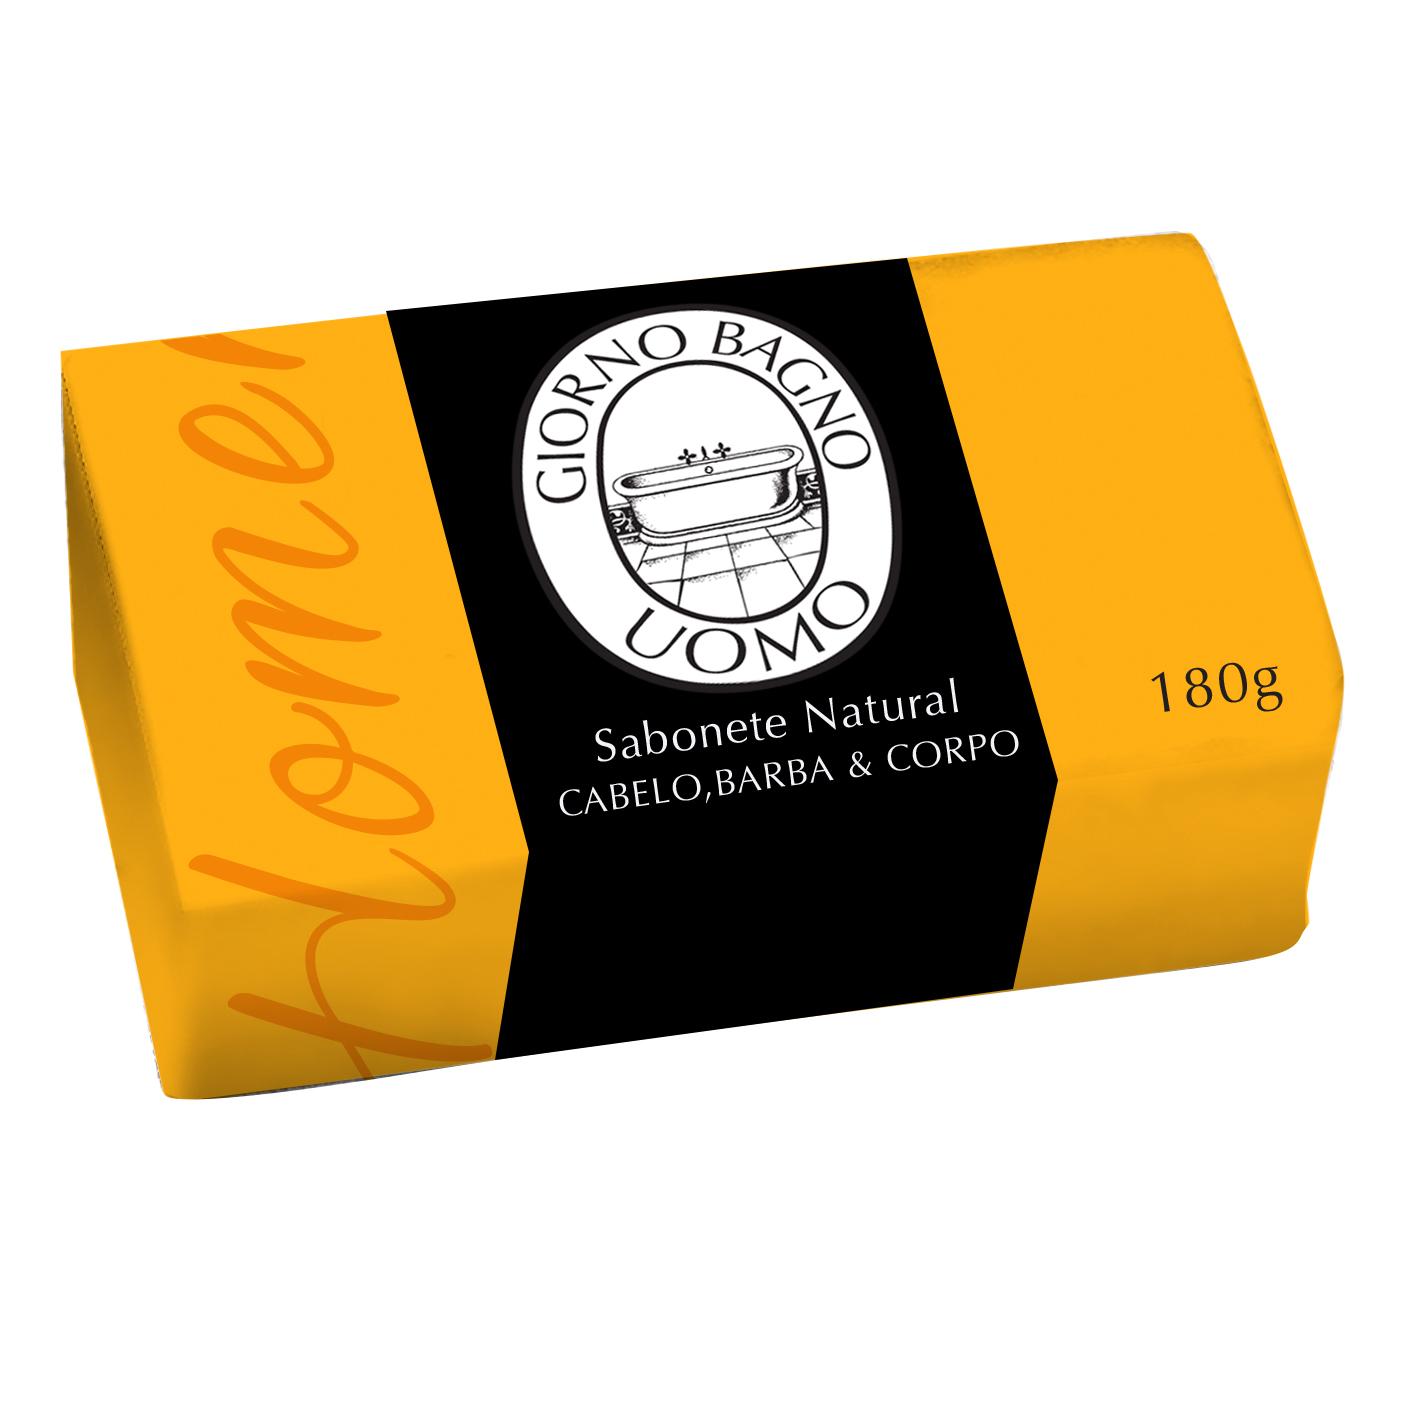 Sabonete em Barra Amarelo Giorno Uomo 180g